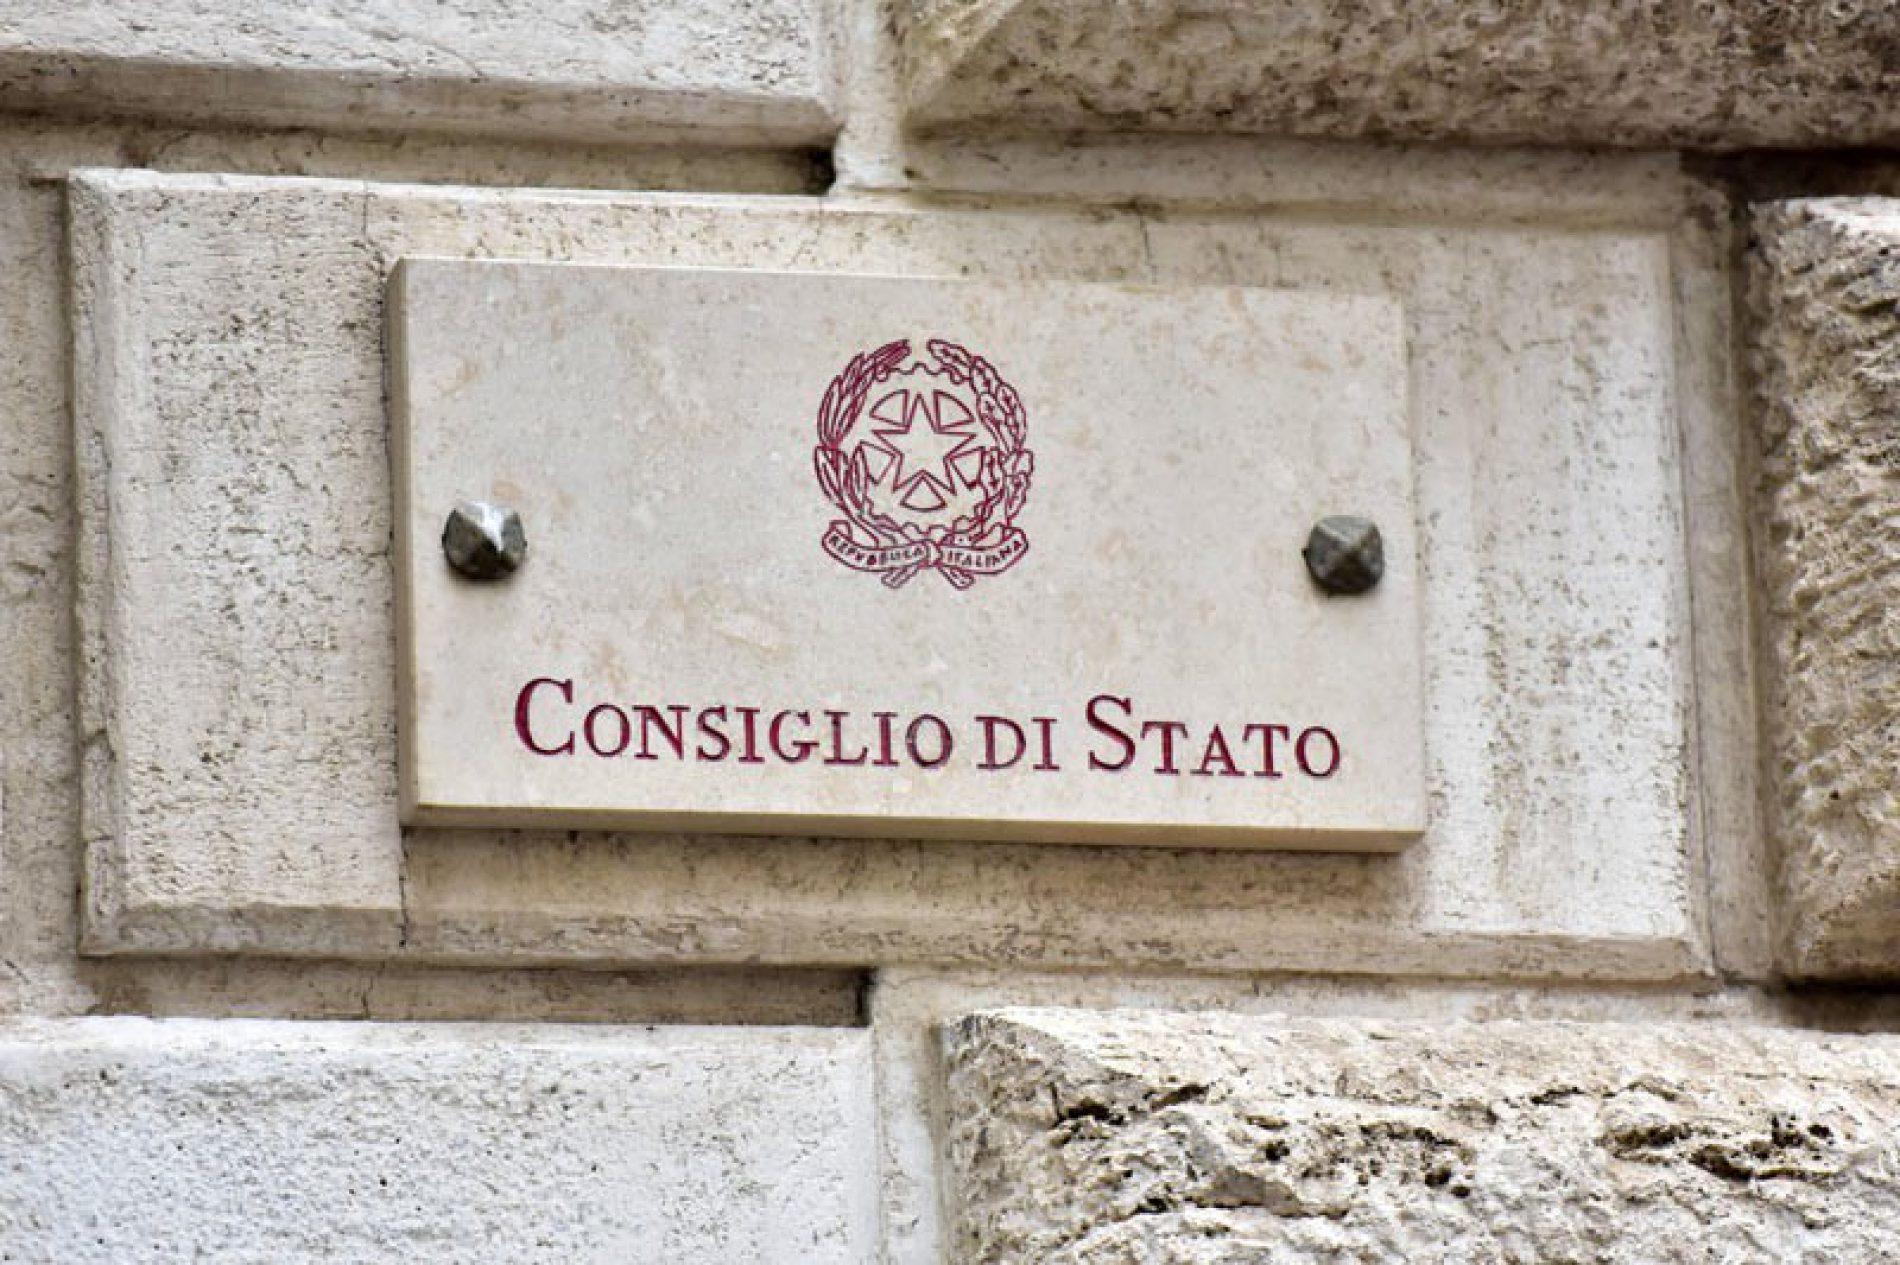 Somministrazione: Consiglio di Stato si pronuncia a favore delle Agenzie per il lavoro